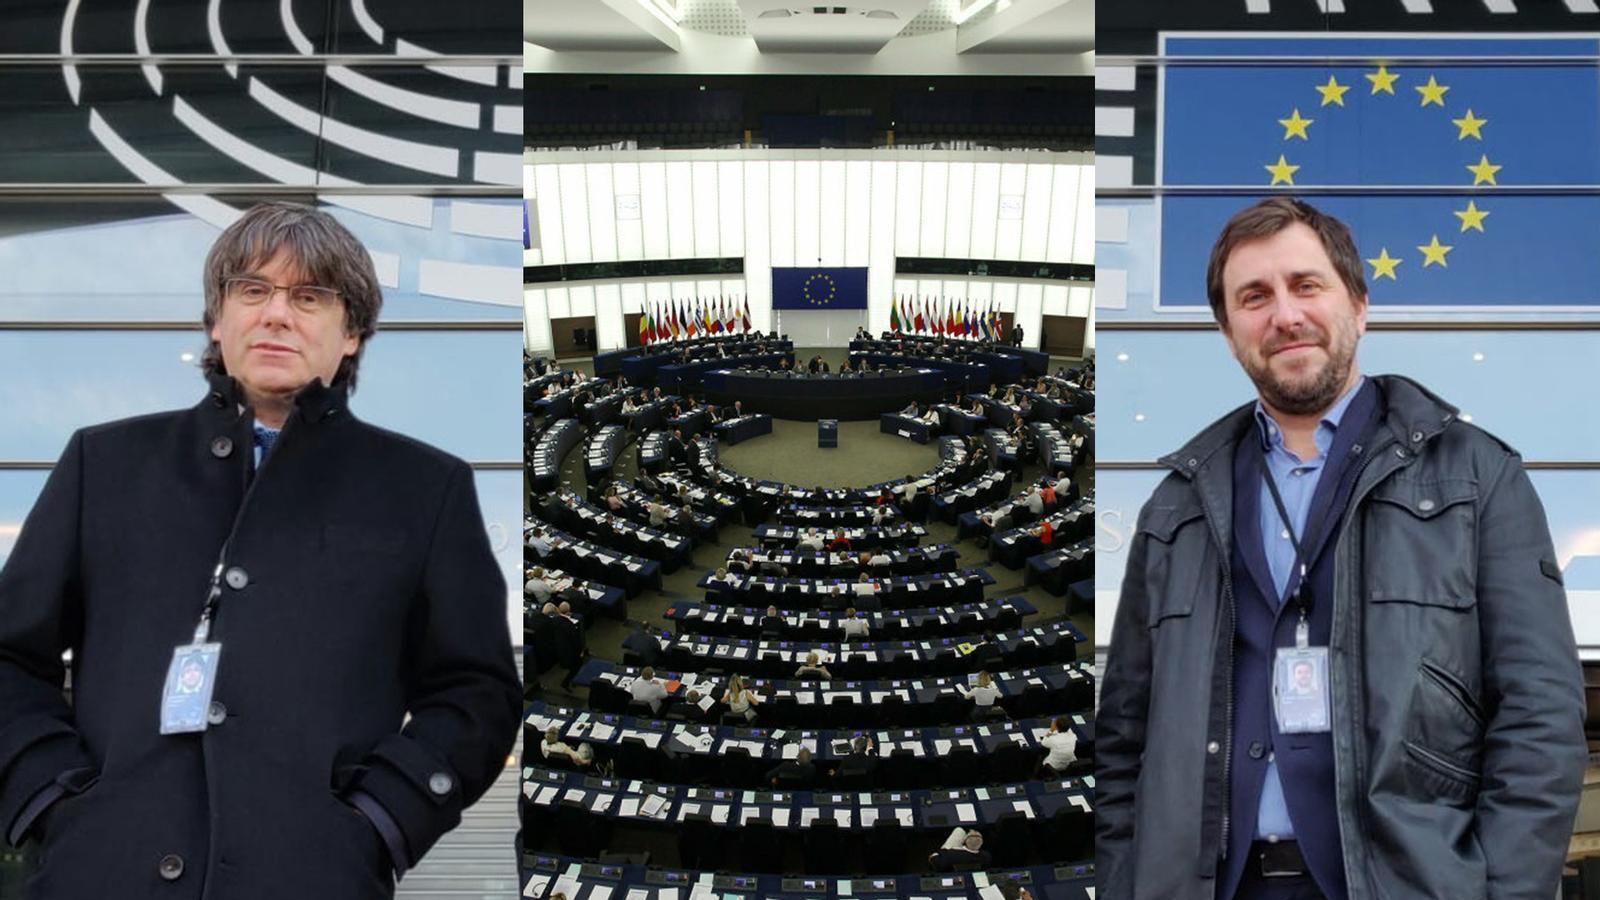 L'anàlisi d'Antoni Bassas: 'Puigdemont i Comín a Estrasburg, un triomf de la democràcia i la persitència'